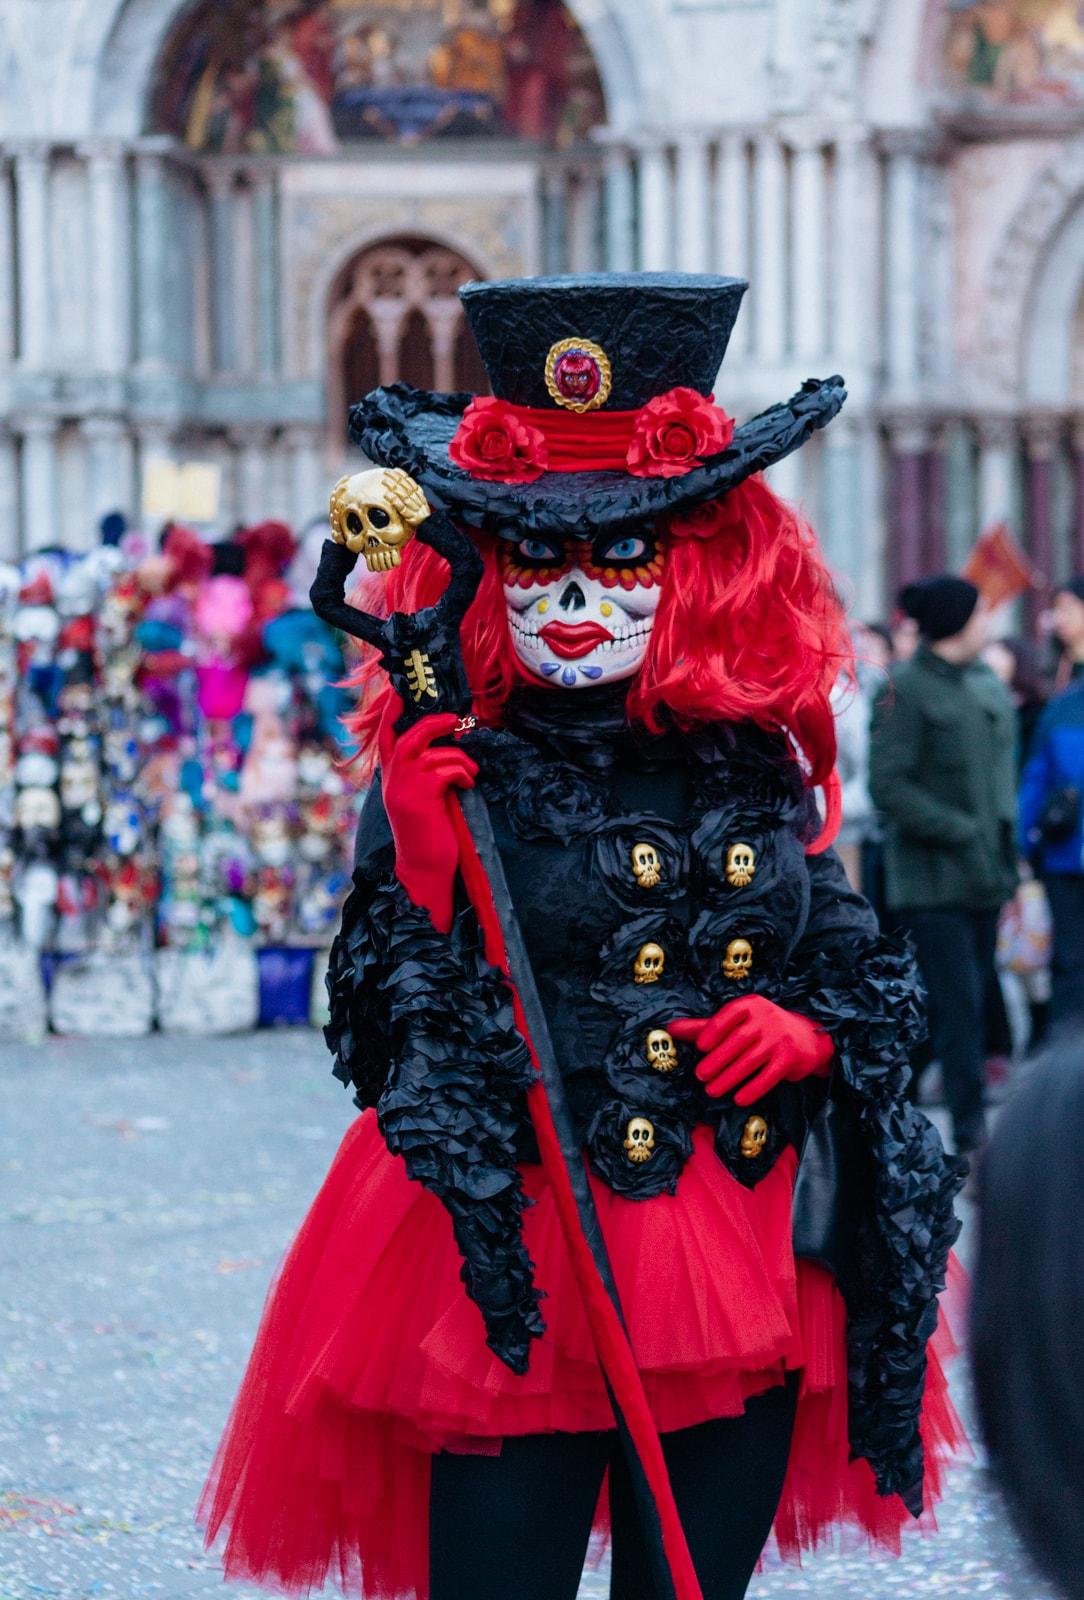 Venice - Sandro Lazzari - Carnival-667